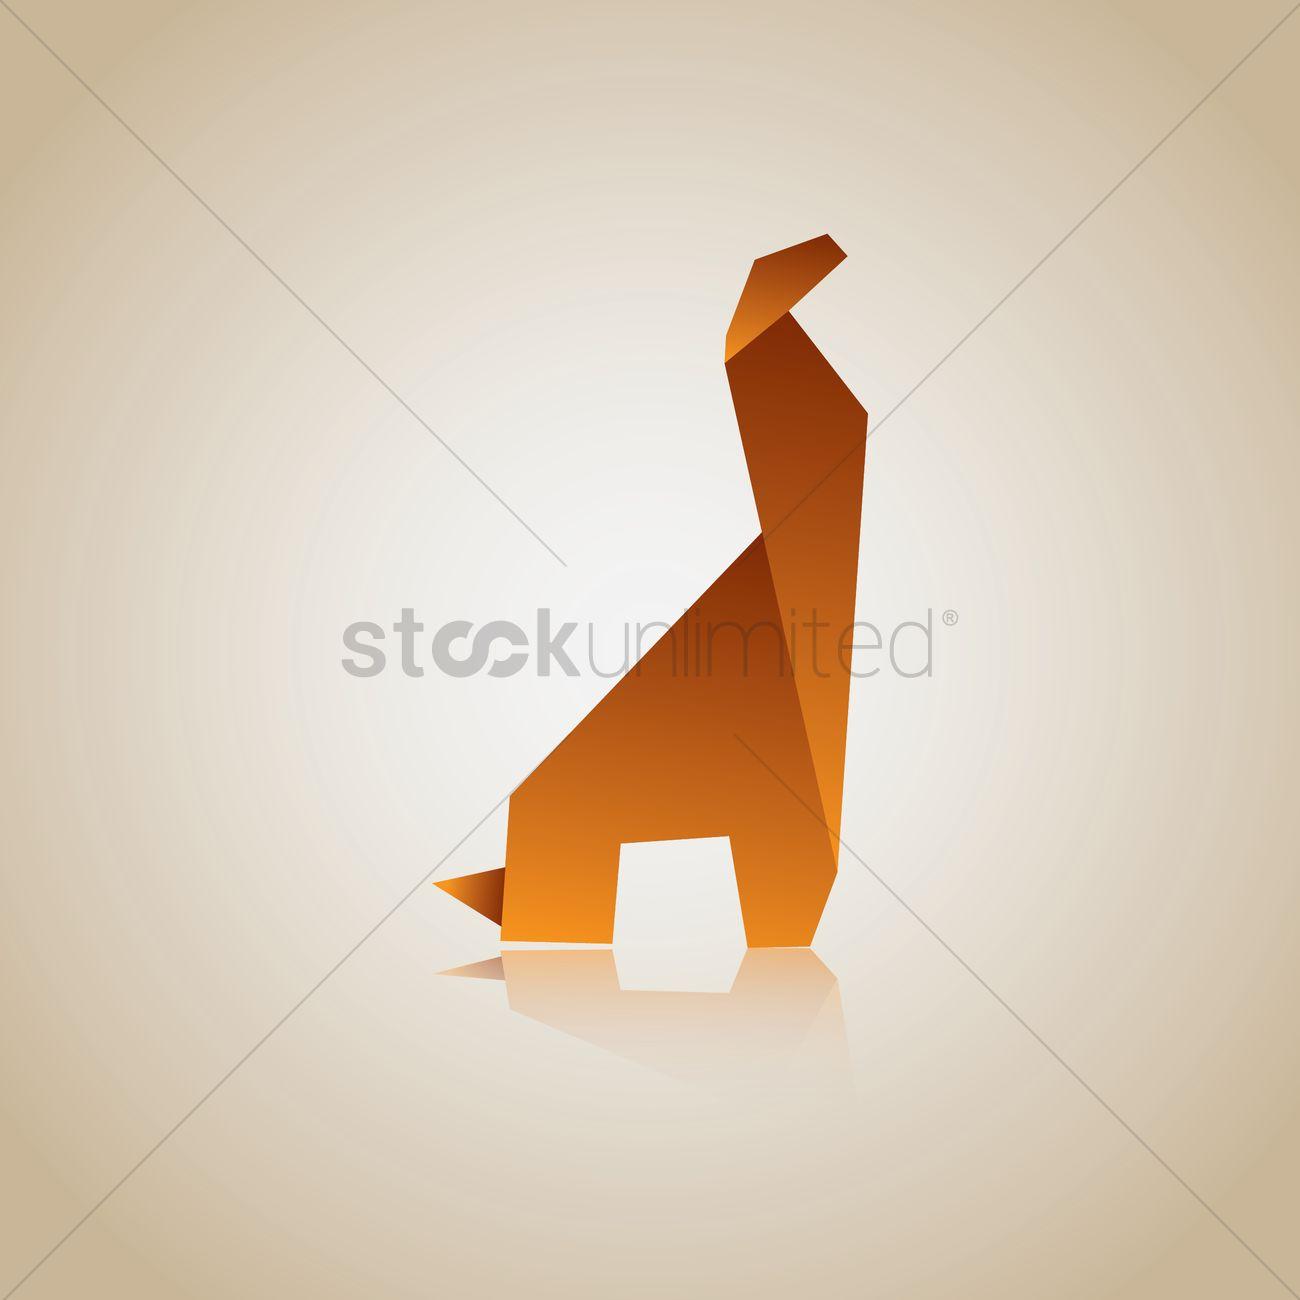 Free Origami Giraffe Vector Graphic